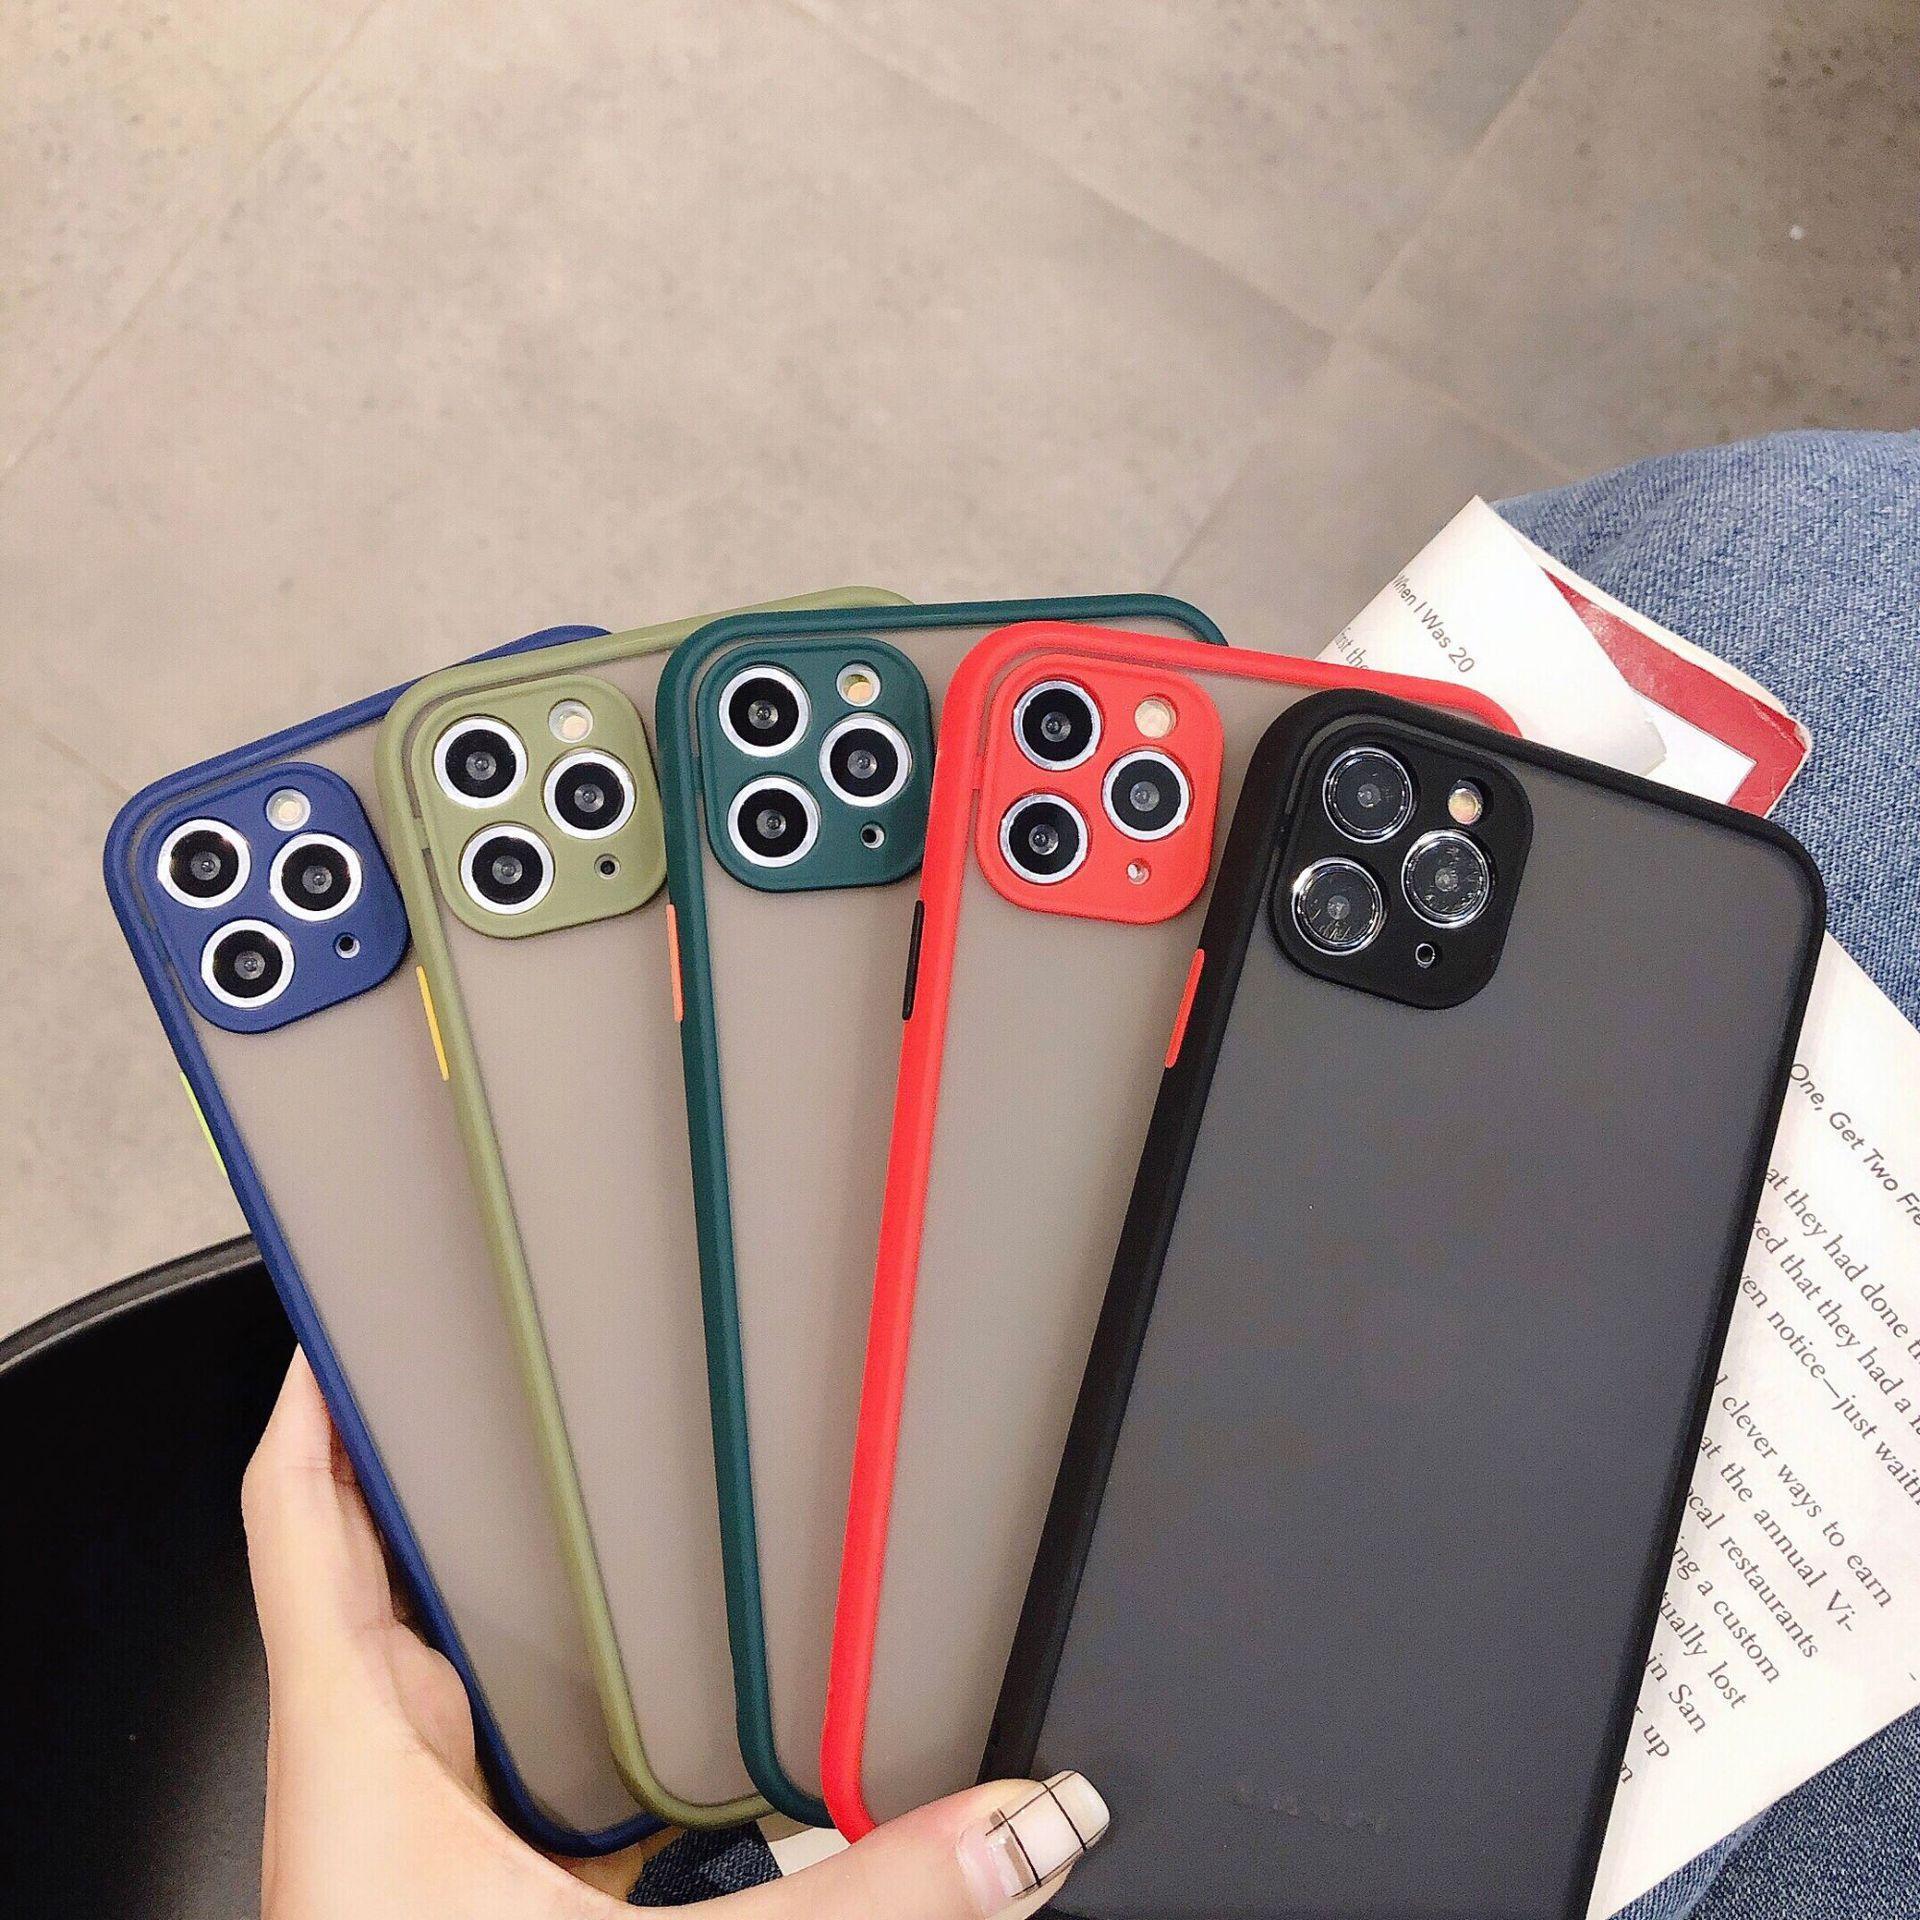 الهاتف الجديد القضية للحصول على 12 برو ماكس XS ماكس 8 زائد على النقيض فاخر اللون الإطار ماتي الصلبة PC واقية للحصول على 12 حالة فون 11 حالة